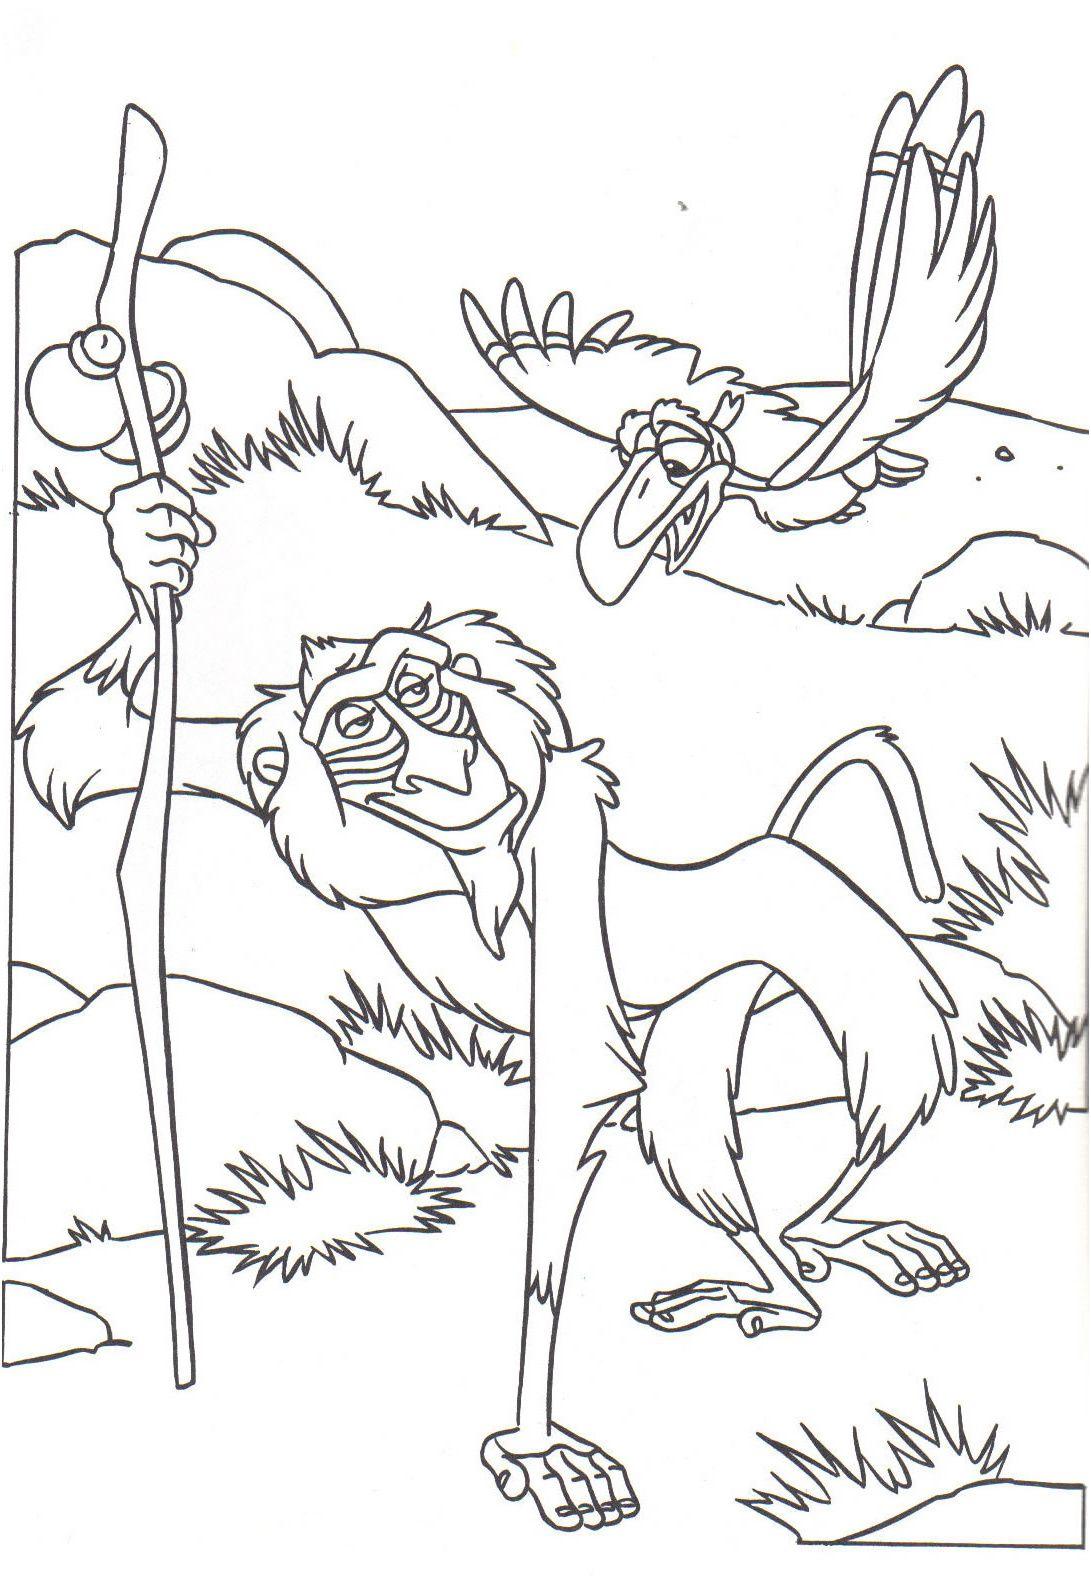 9 Bon Coloriage Roi Lion Photos Coloriage Le Roi Lion Le Roi Lion Lion Coloriage